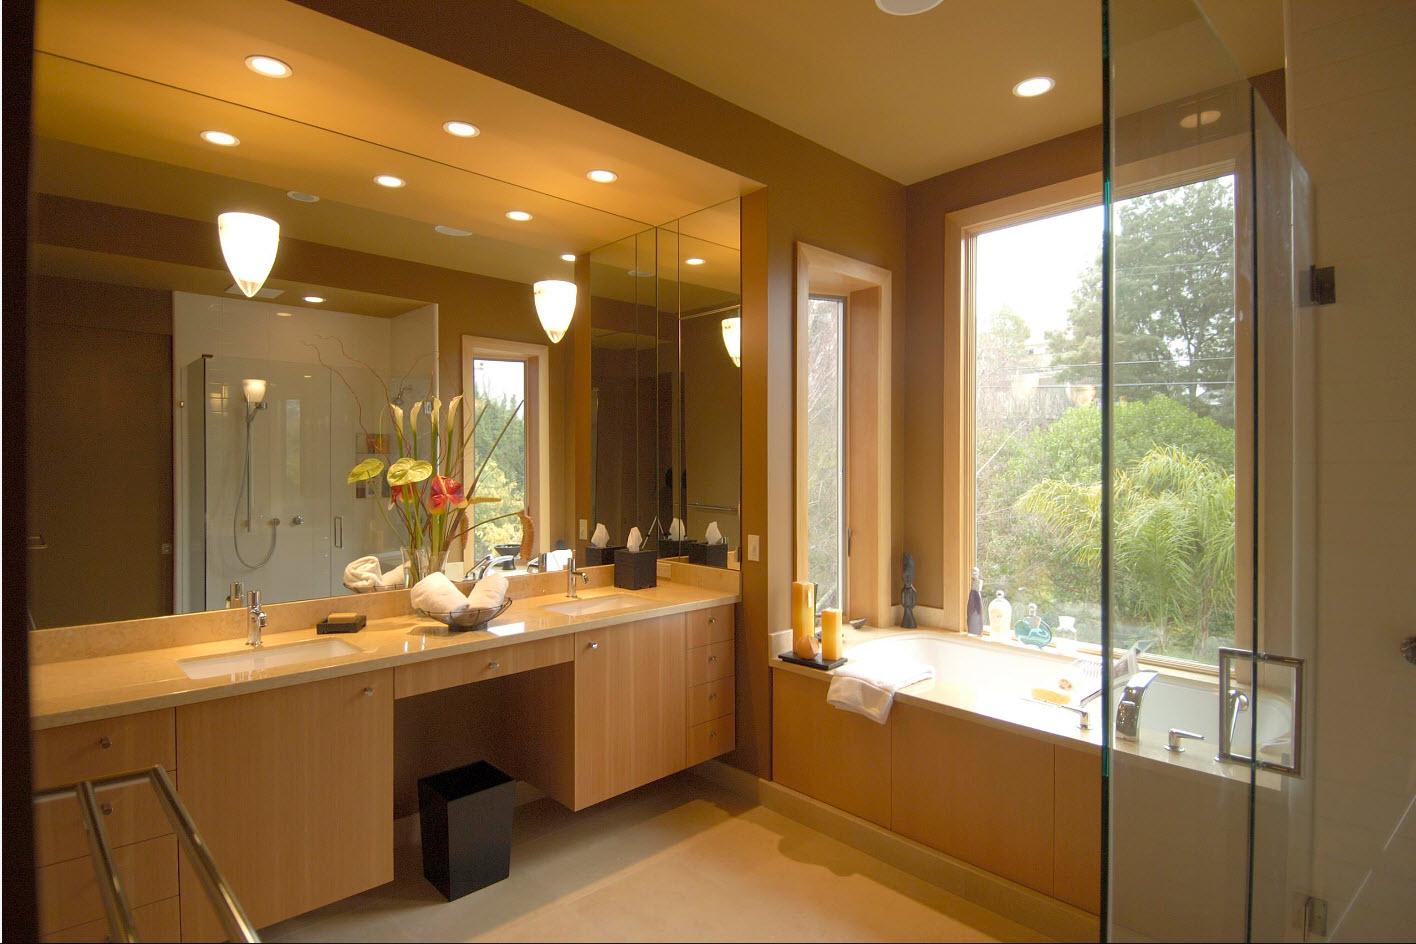 luminaires dans la salle de bain